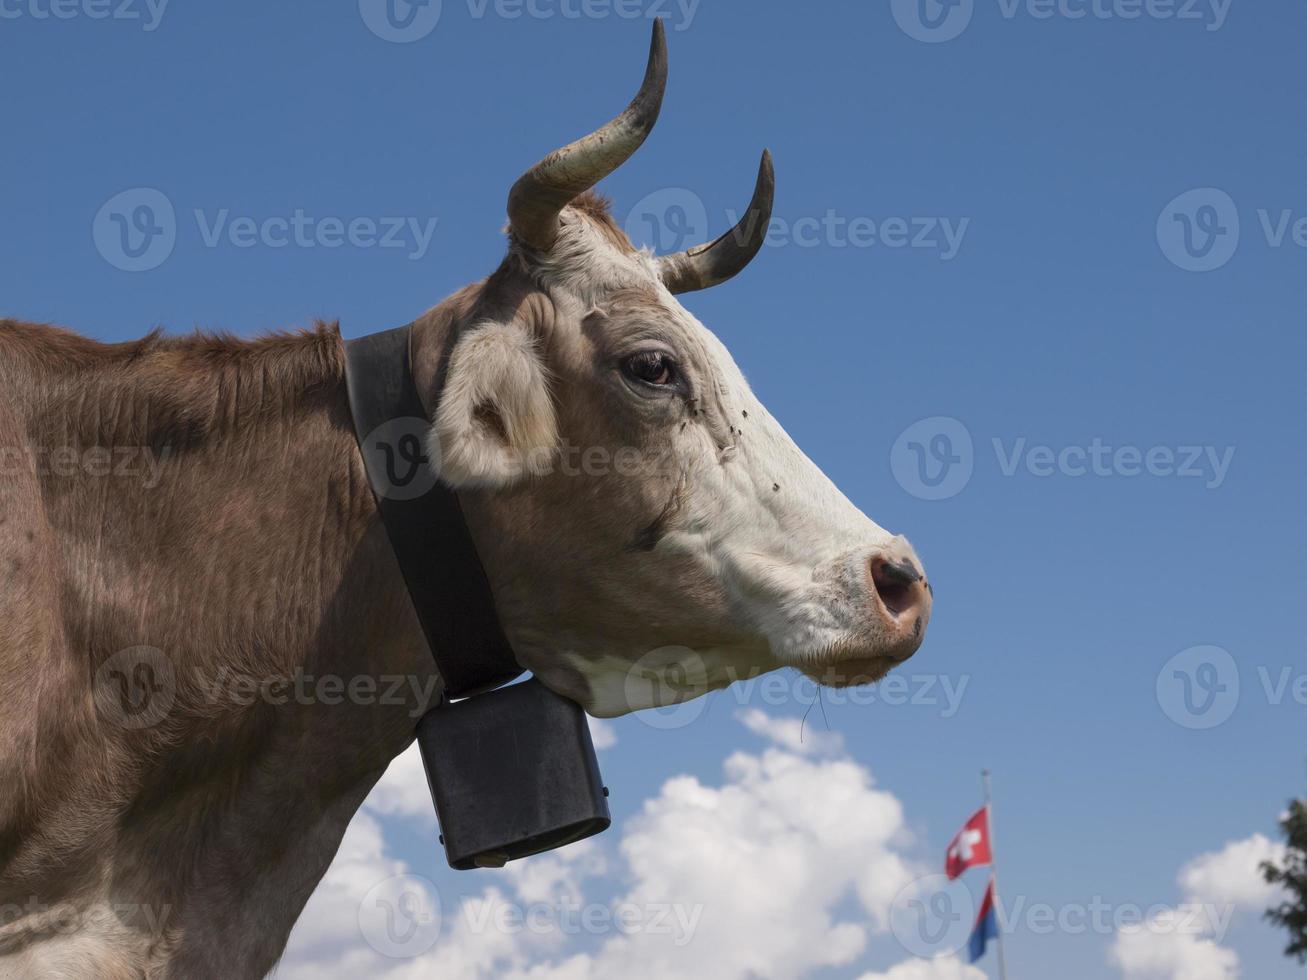 zijaanzicht van Zwitserse koe met een zwarte bel onder de blauwe hemel. foto